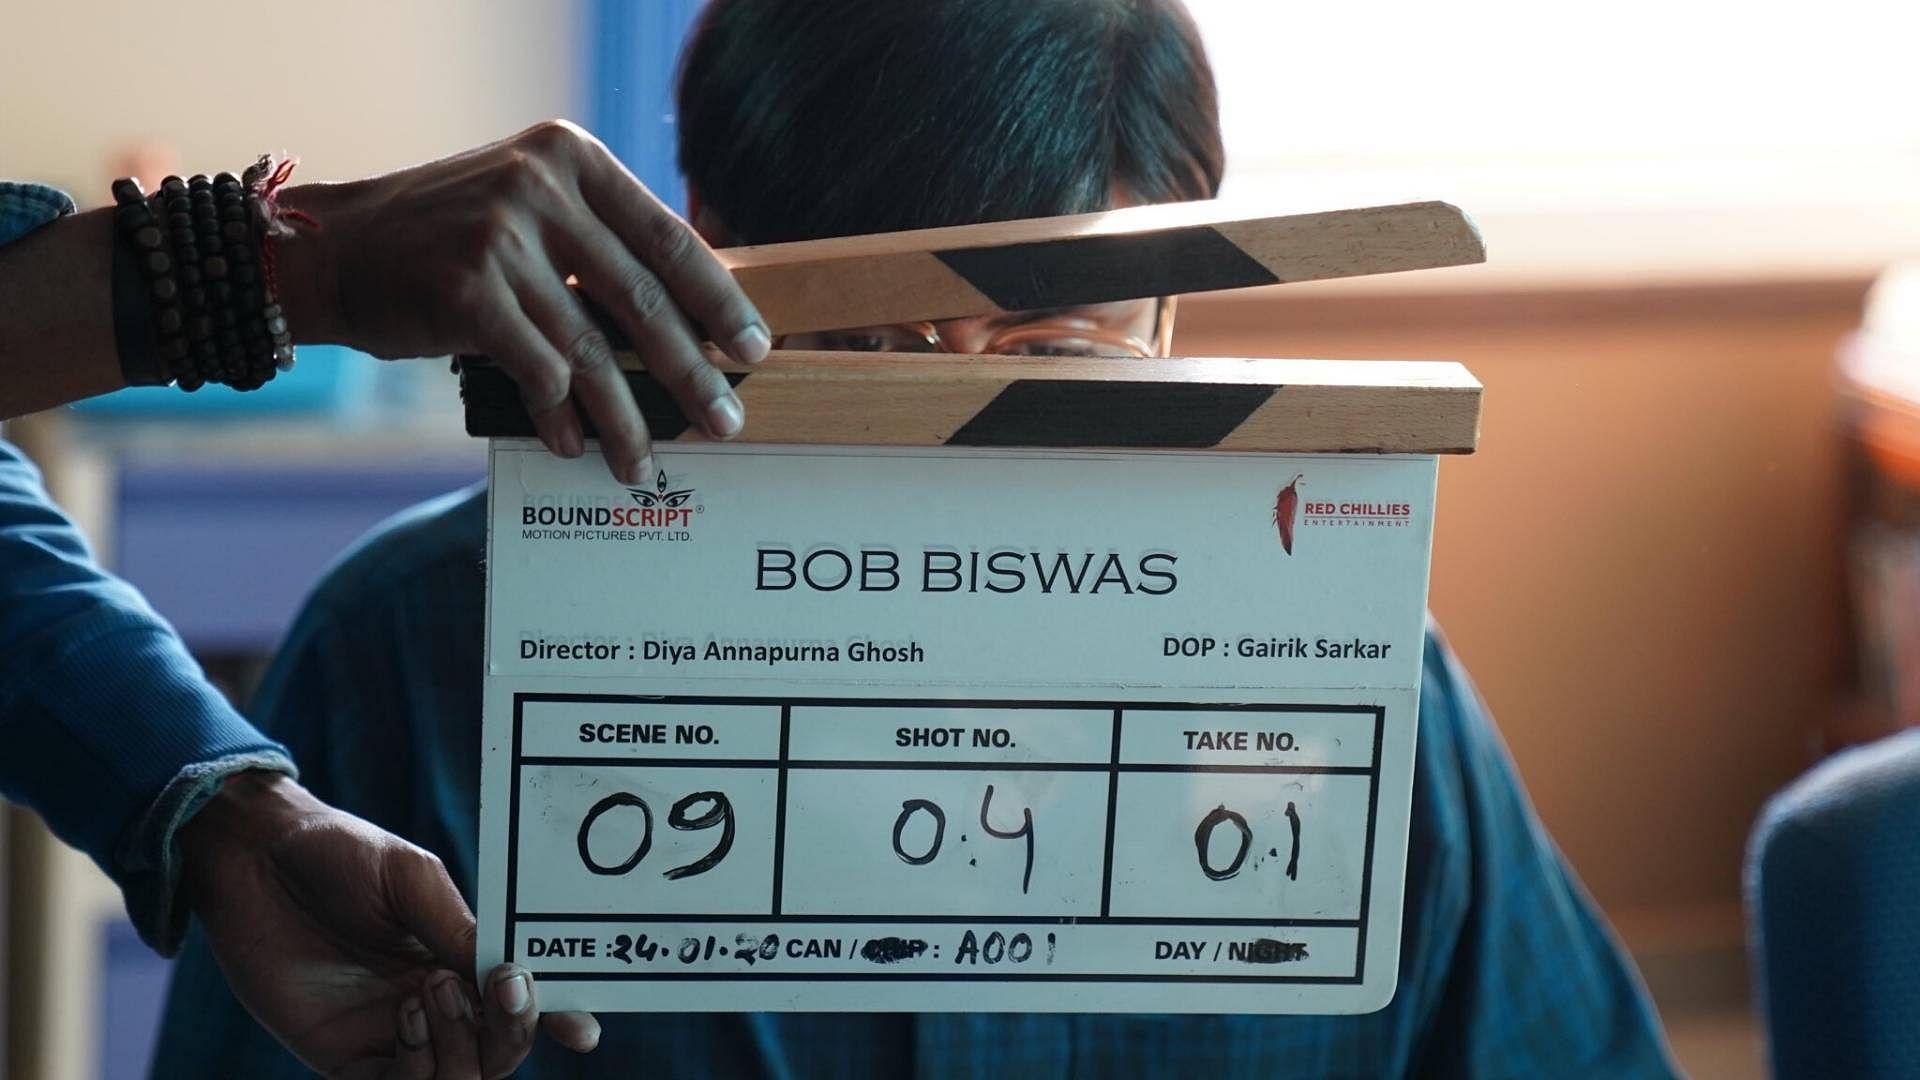 Abhishek Teases Look in 'Bob Biswas'; Here's How SRK Reacted